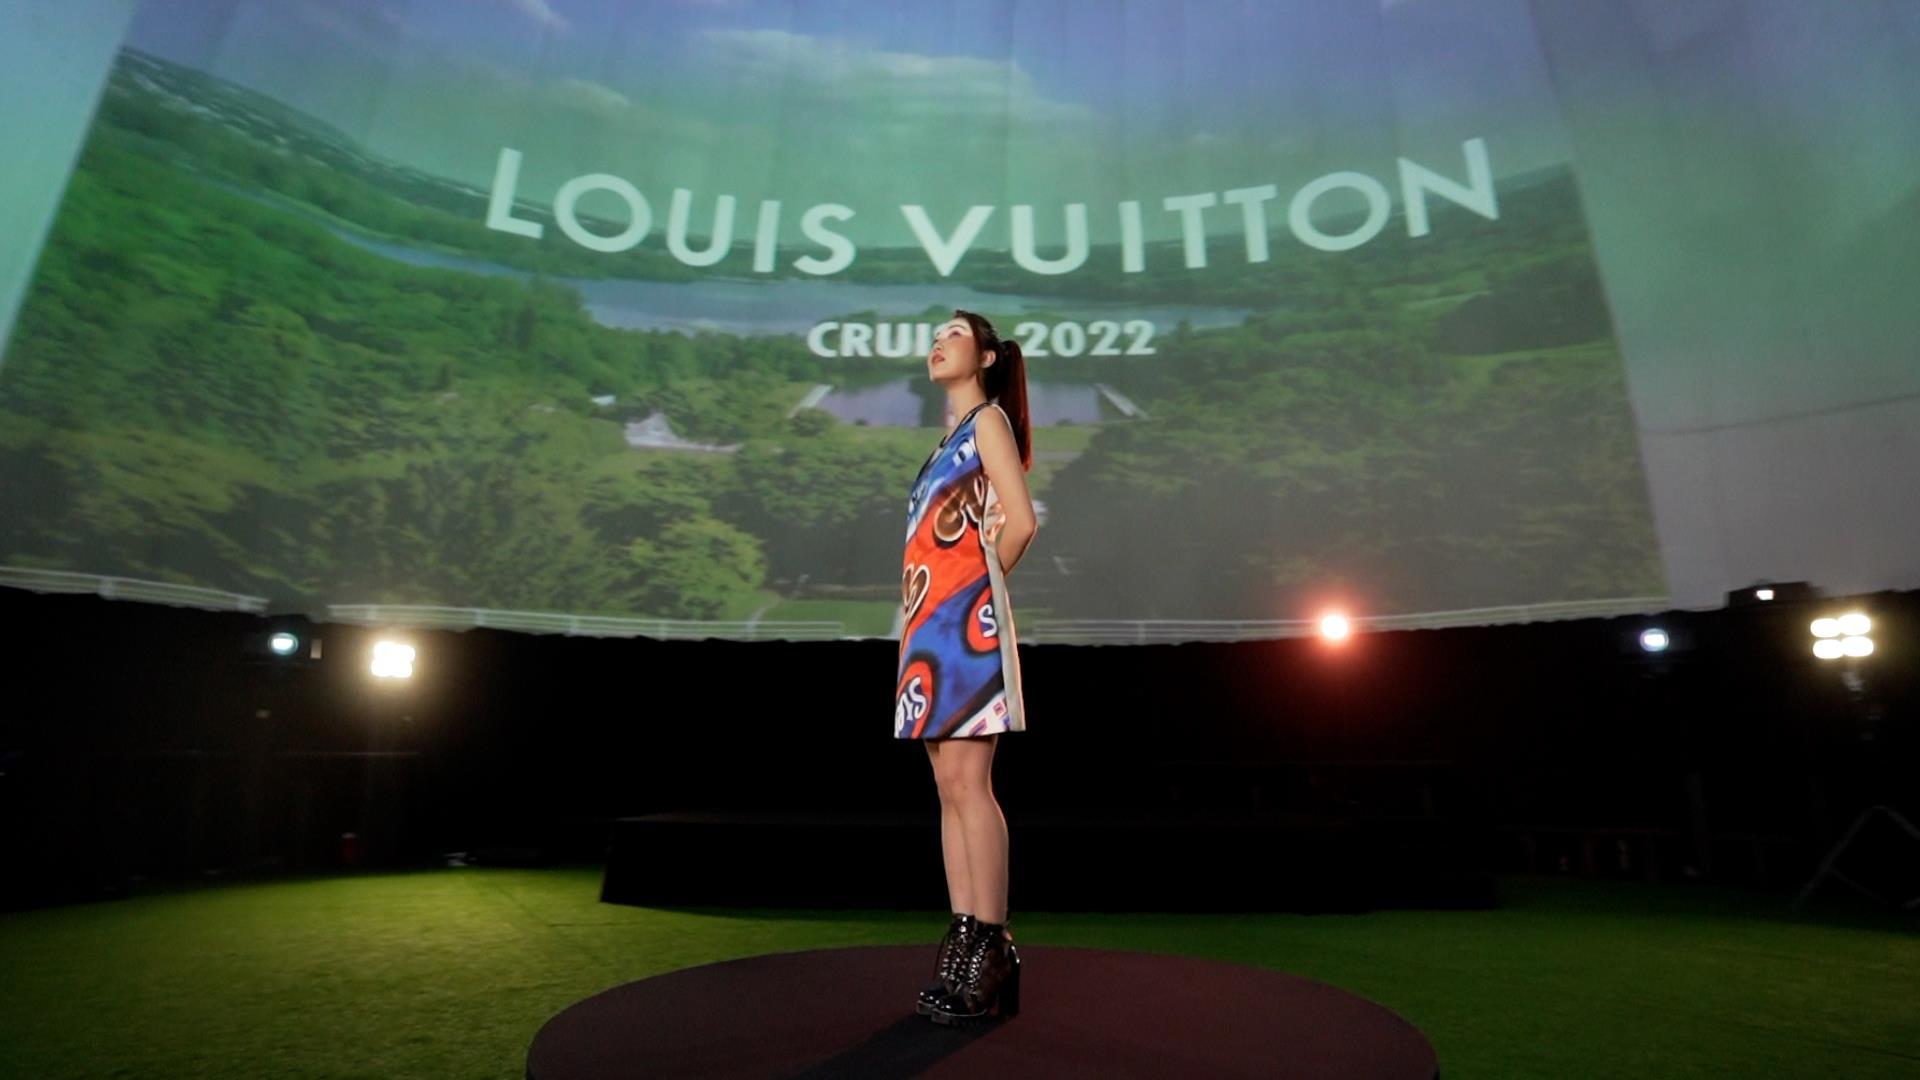 Chloe Nguyễn xem show Louis Vuitton tại nhà theo cách độc nhất vô nhị khiến ai cũng phải thốt lên: Đỉnh quá chị ơi! - Ảnh 2.